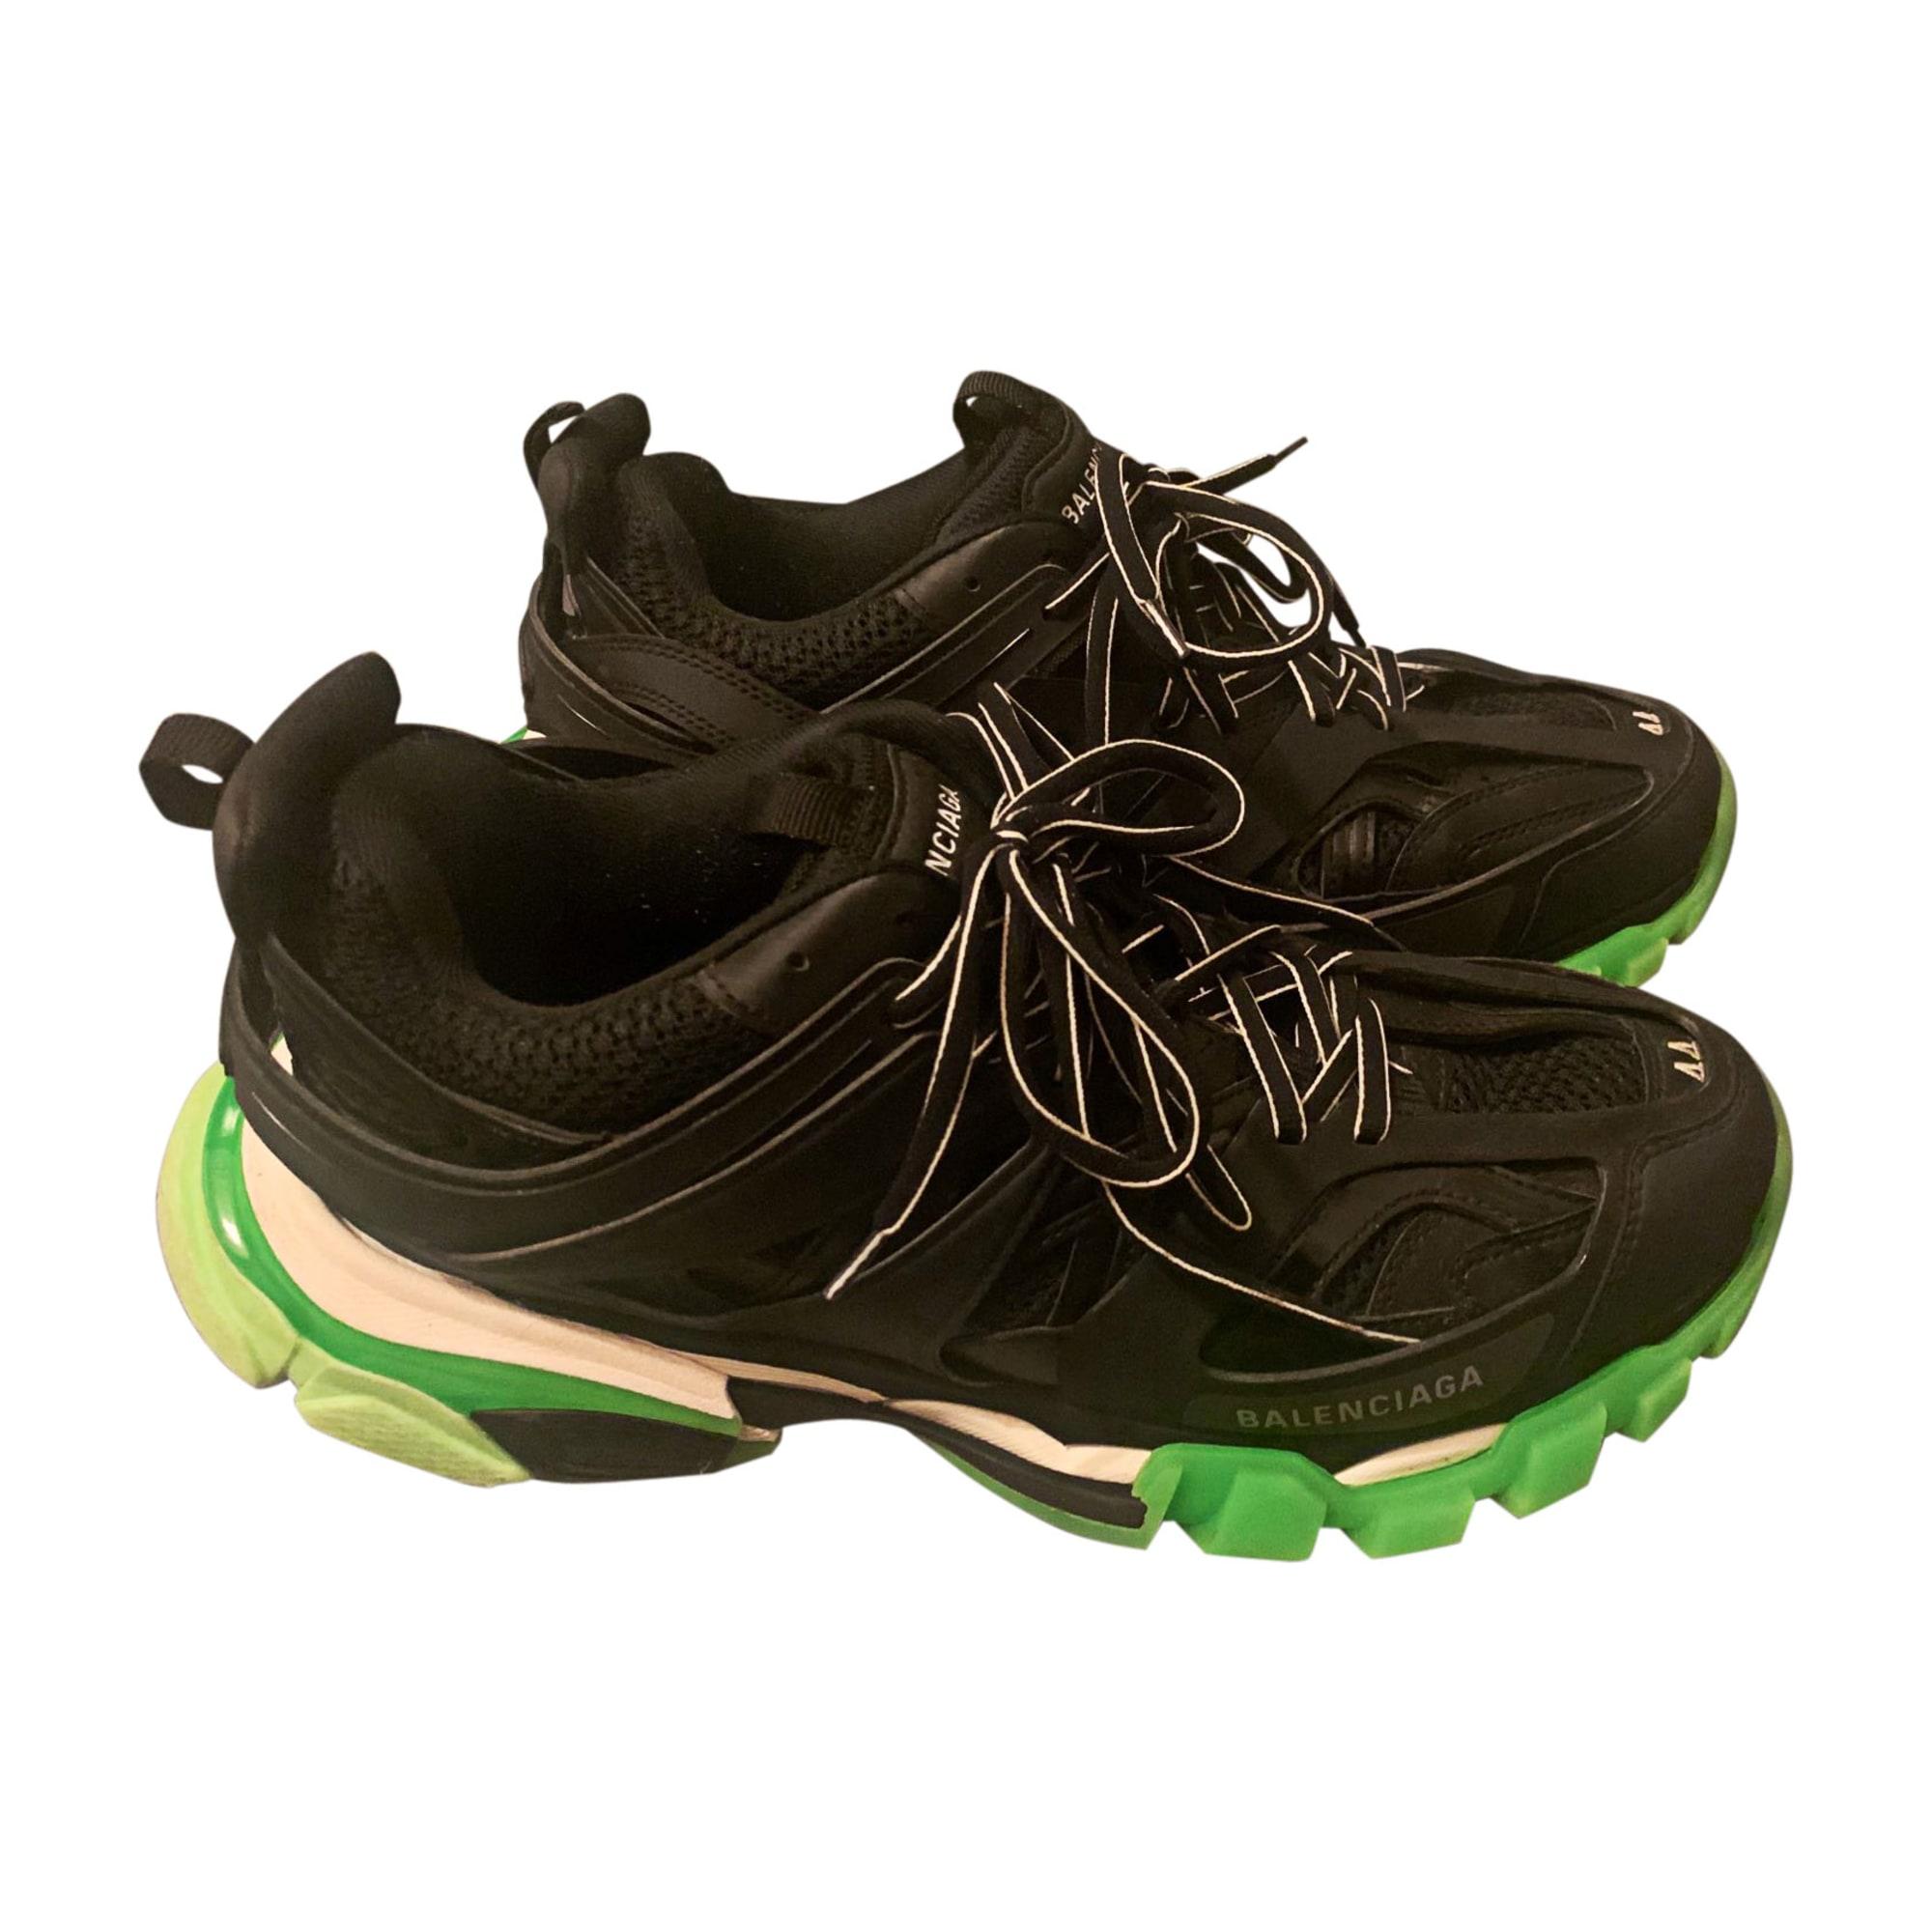 Sneakers BALENCIAGA Track Schwarz